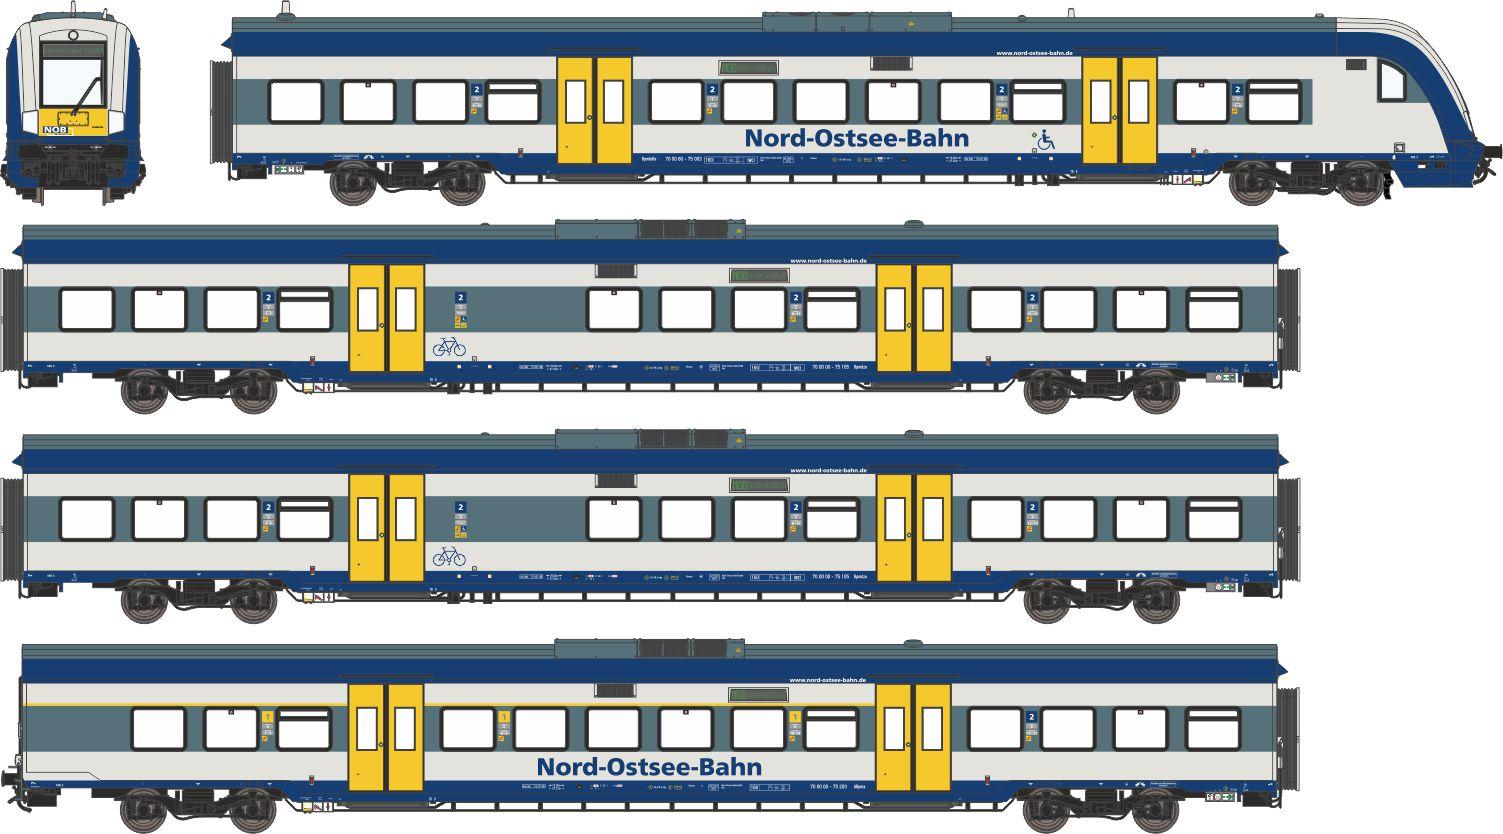 59101: Grund-Wagenset Marschbahn NOB (Wechselstrom)